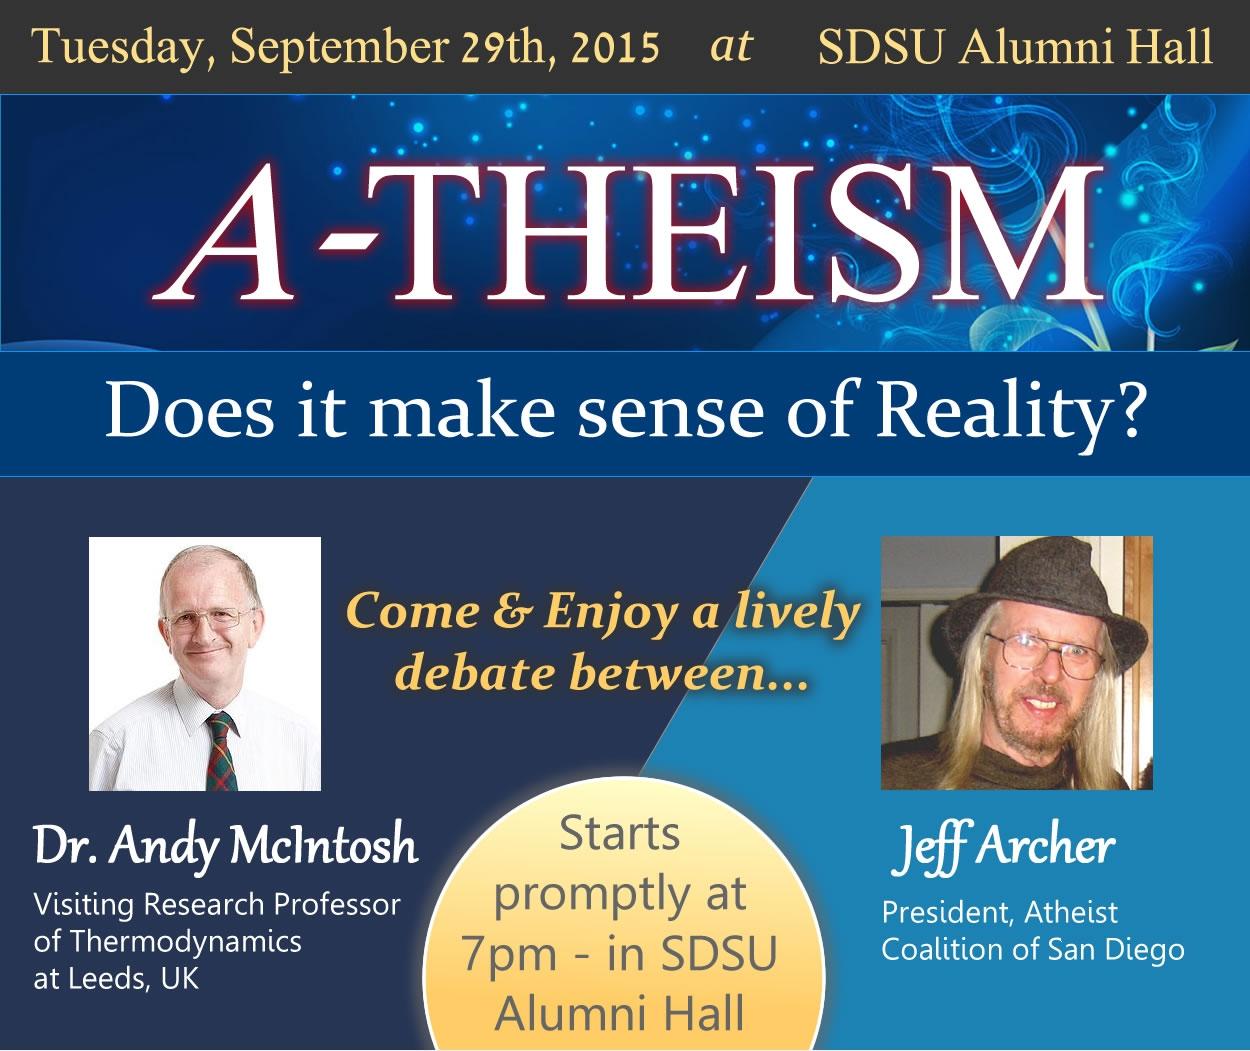 Jeff Archer debate